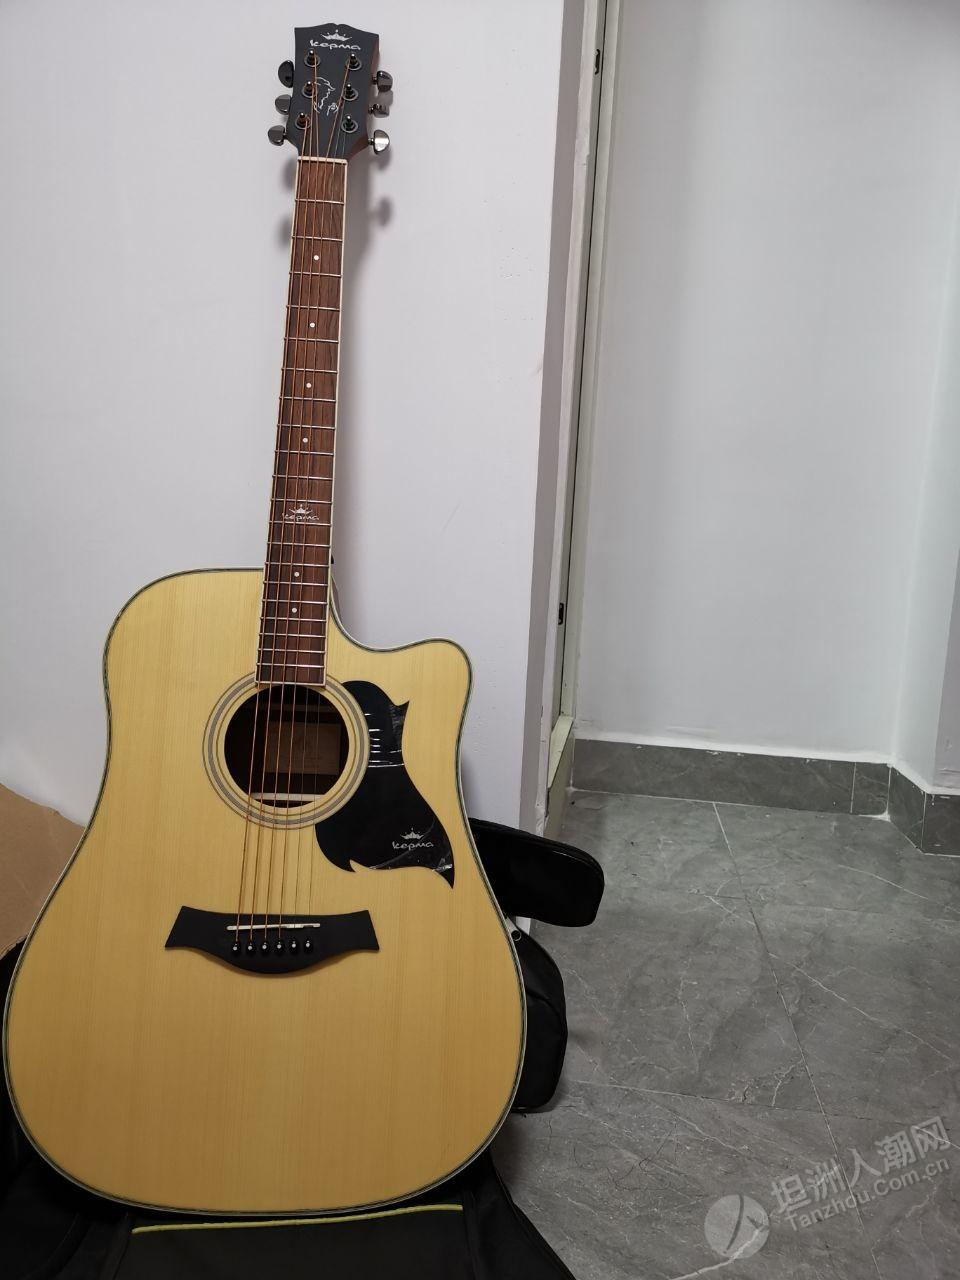 9成9新吉他,有意者请收